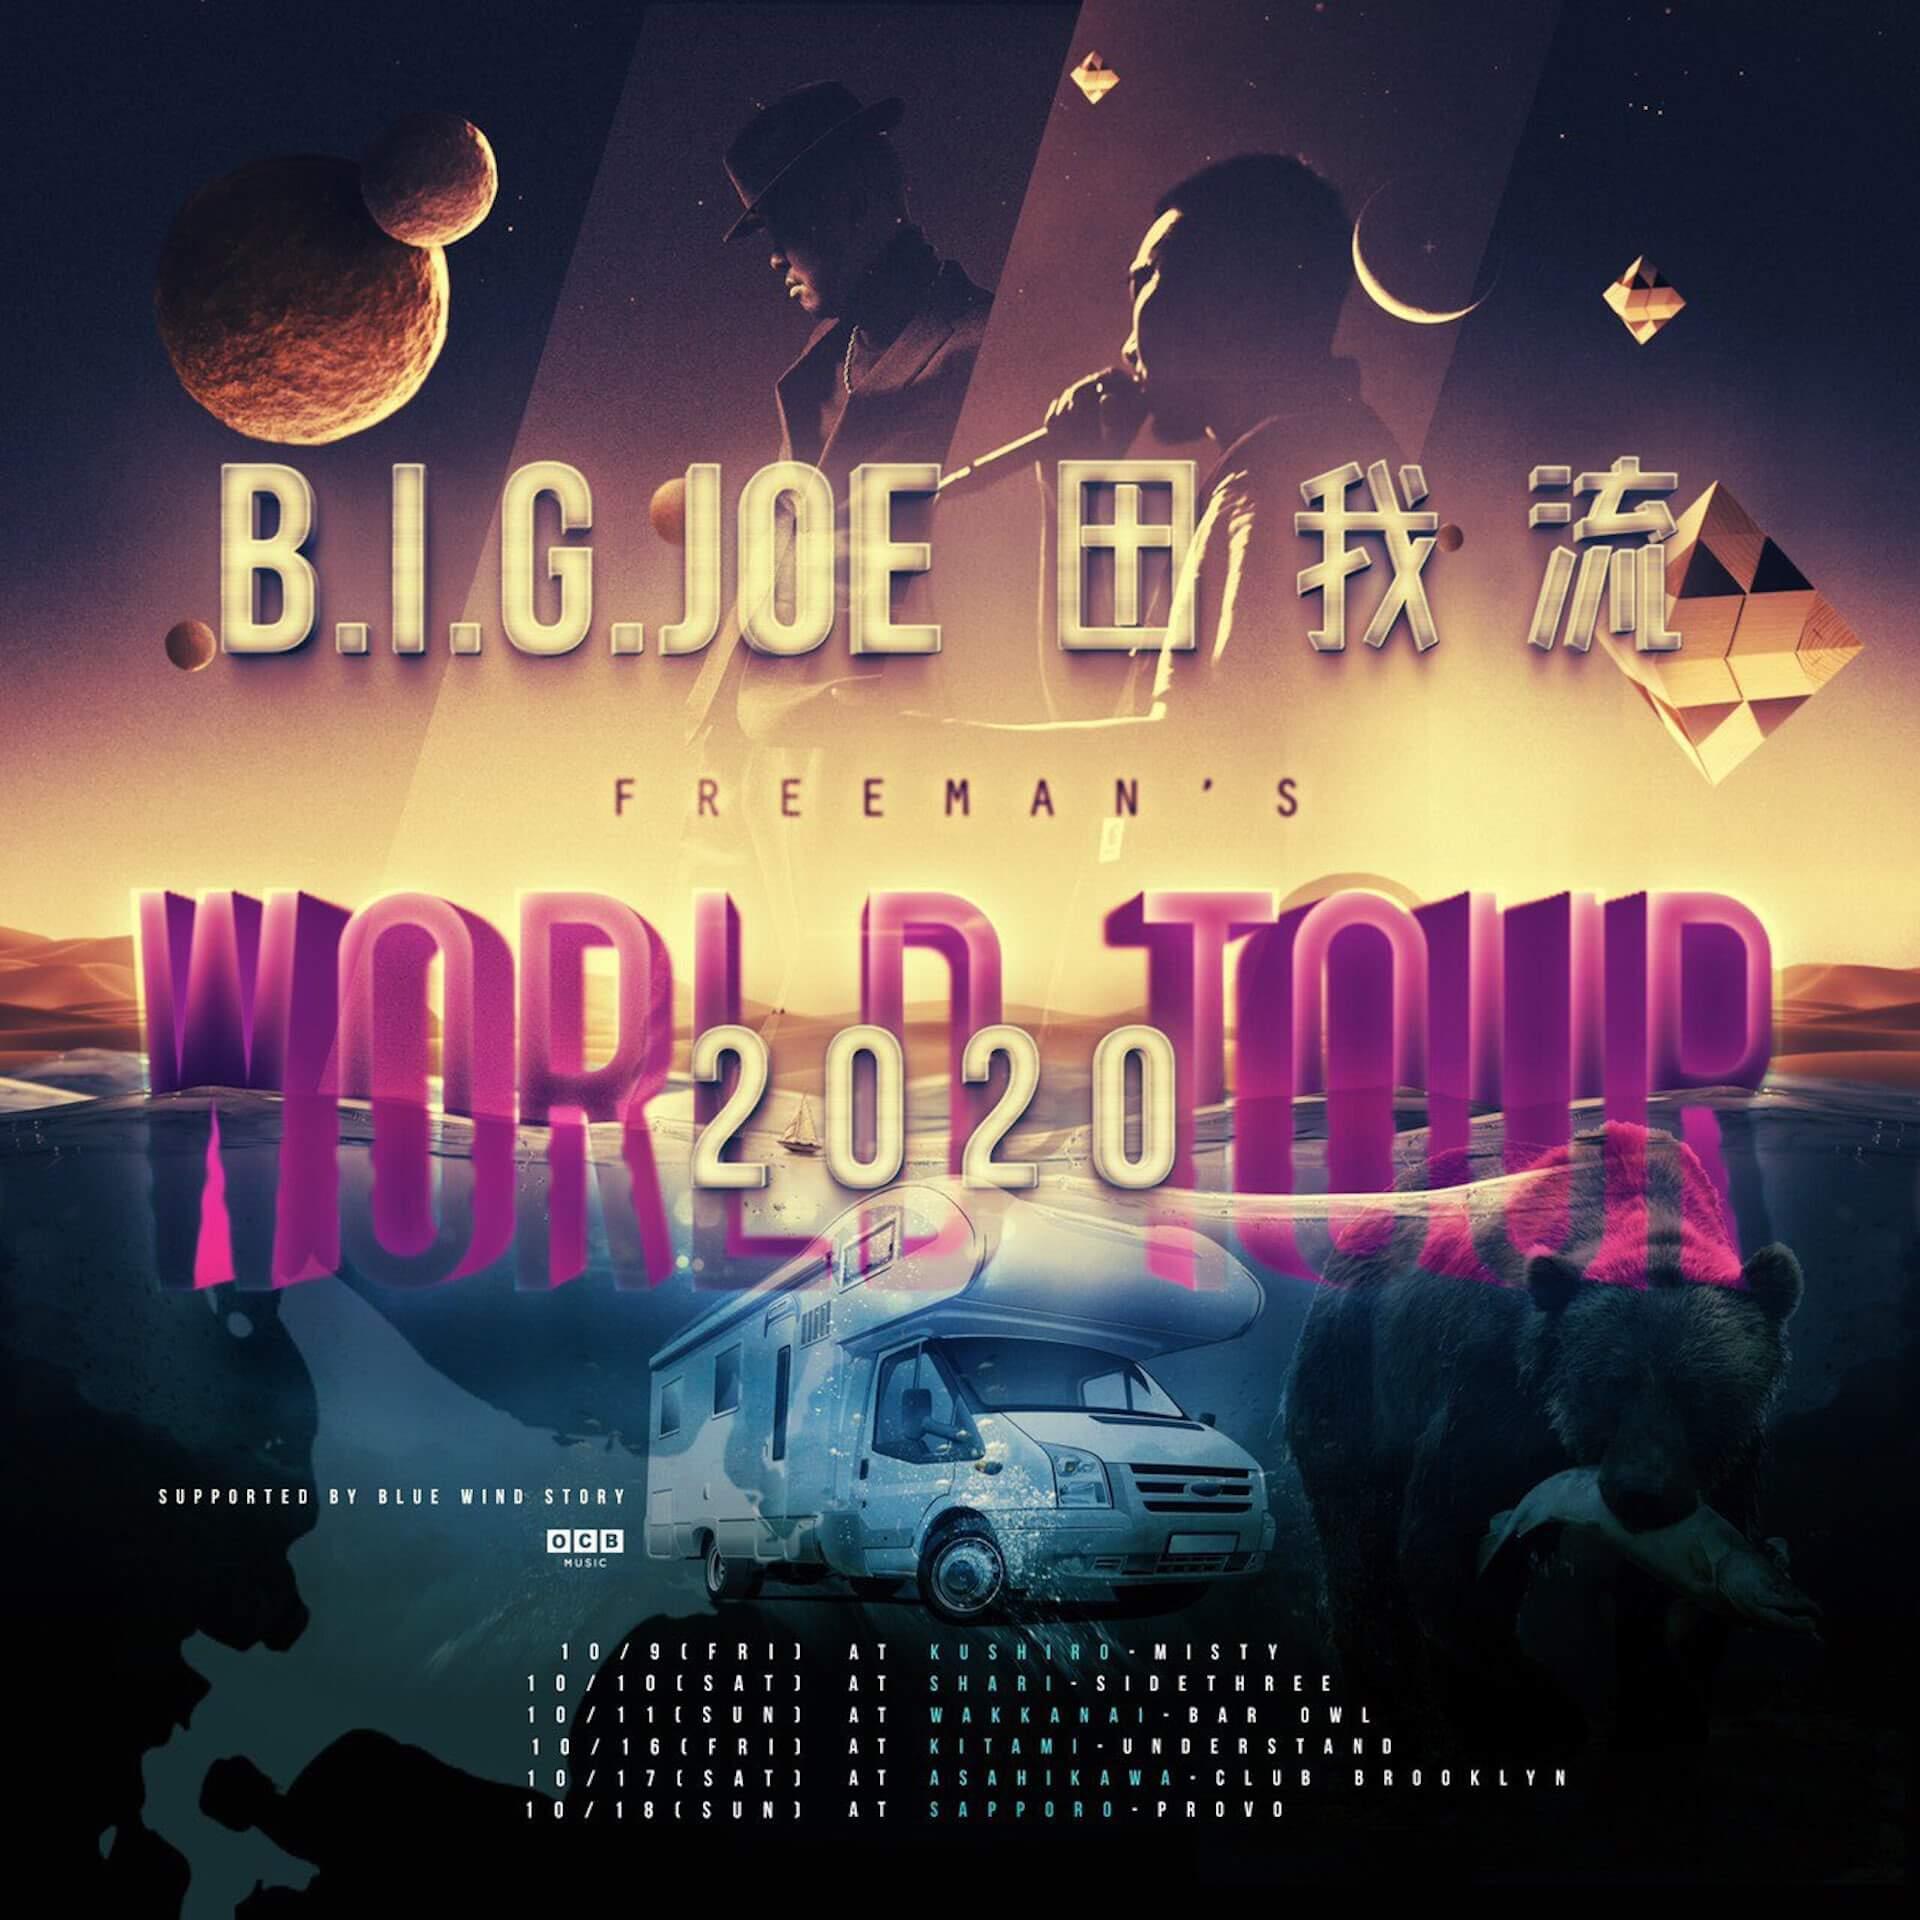 """ライブツアーを開催する田我流&B.I.G.JOEによる新曲""""マイペース""""がリリース決定!ビートはDJ SCRATCH NICE music201001_dengaryu_bigjoe_4"""